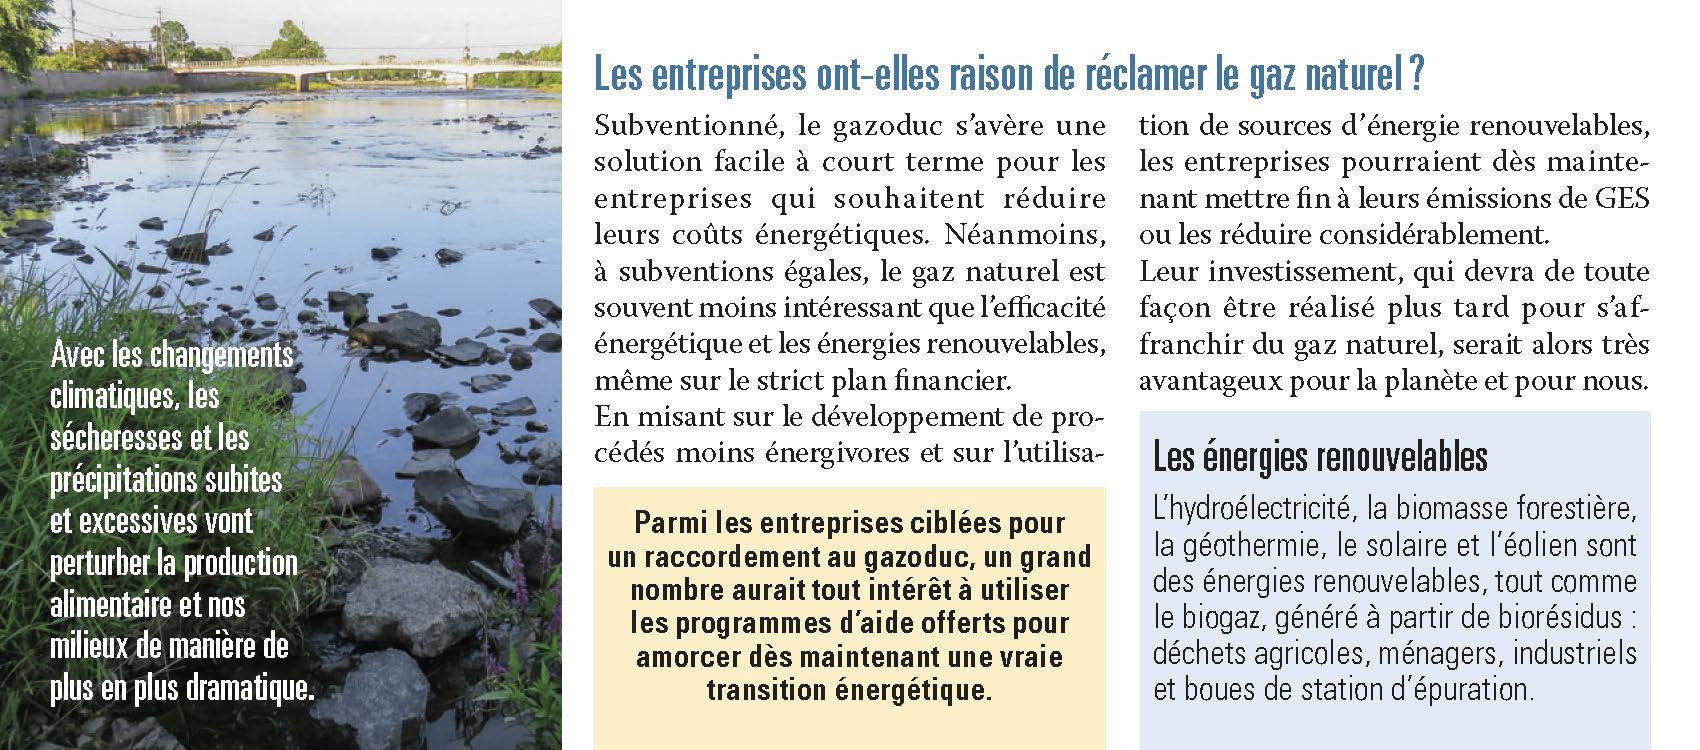 GazNaturel-Unebonneaffairepournous?_Brochure_MET_Page_5